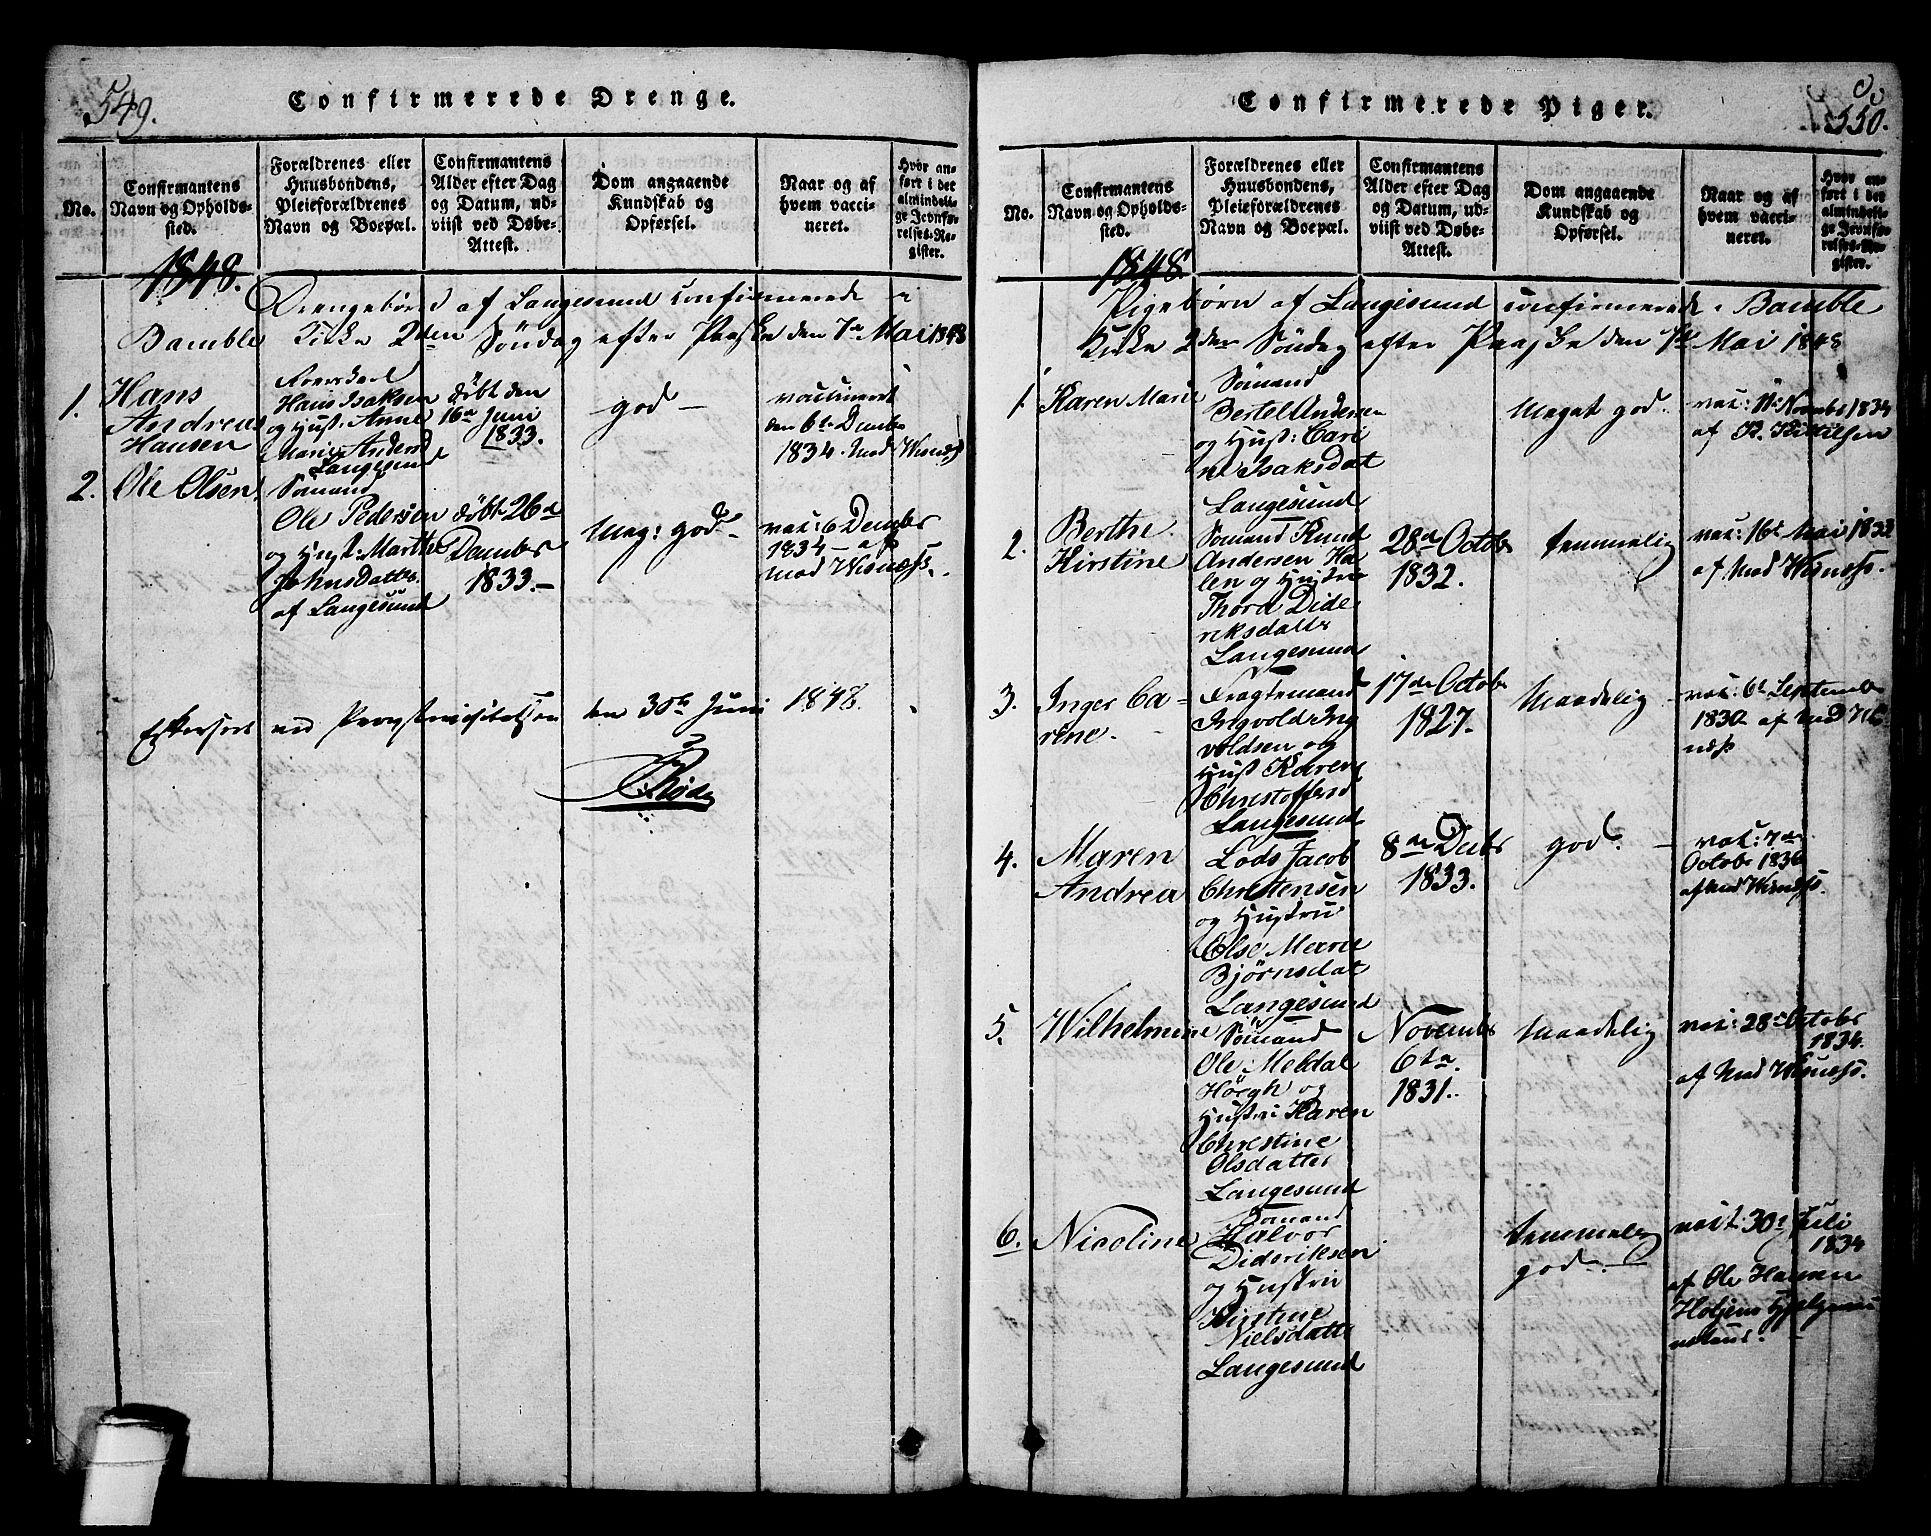 SAKO, Langesund kirkebøker, G/Ga/L0003: Klokkerbok nr. 3, 1815-1858, s. 549-550